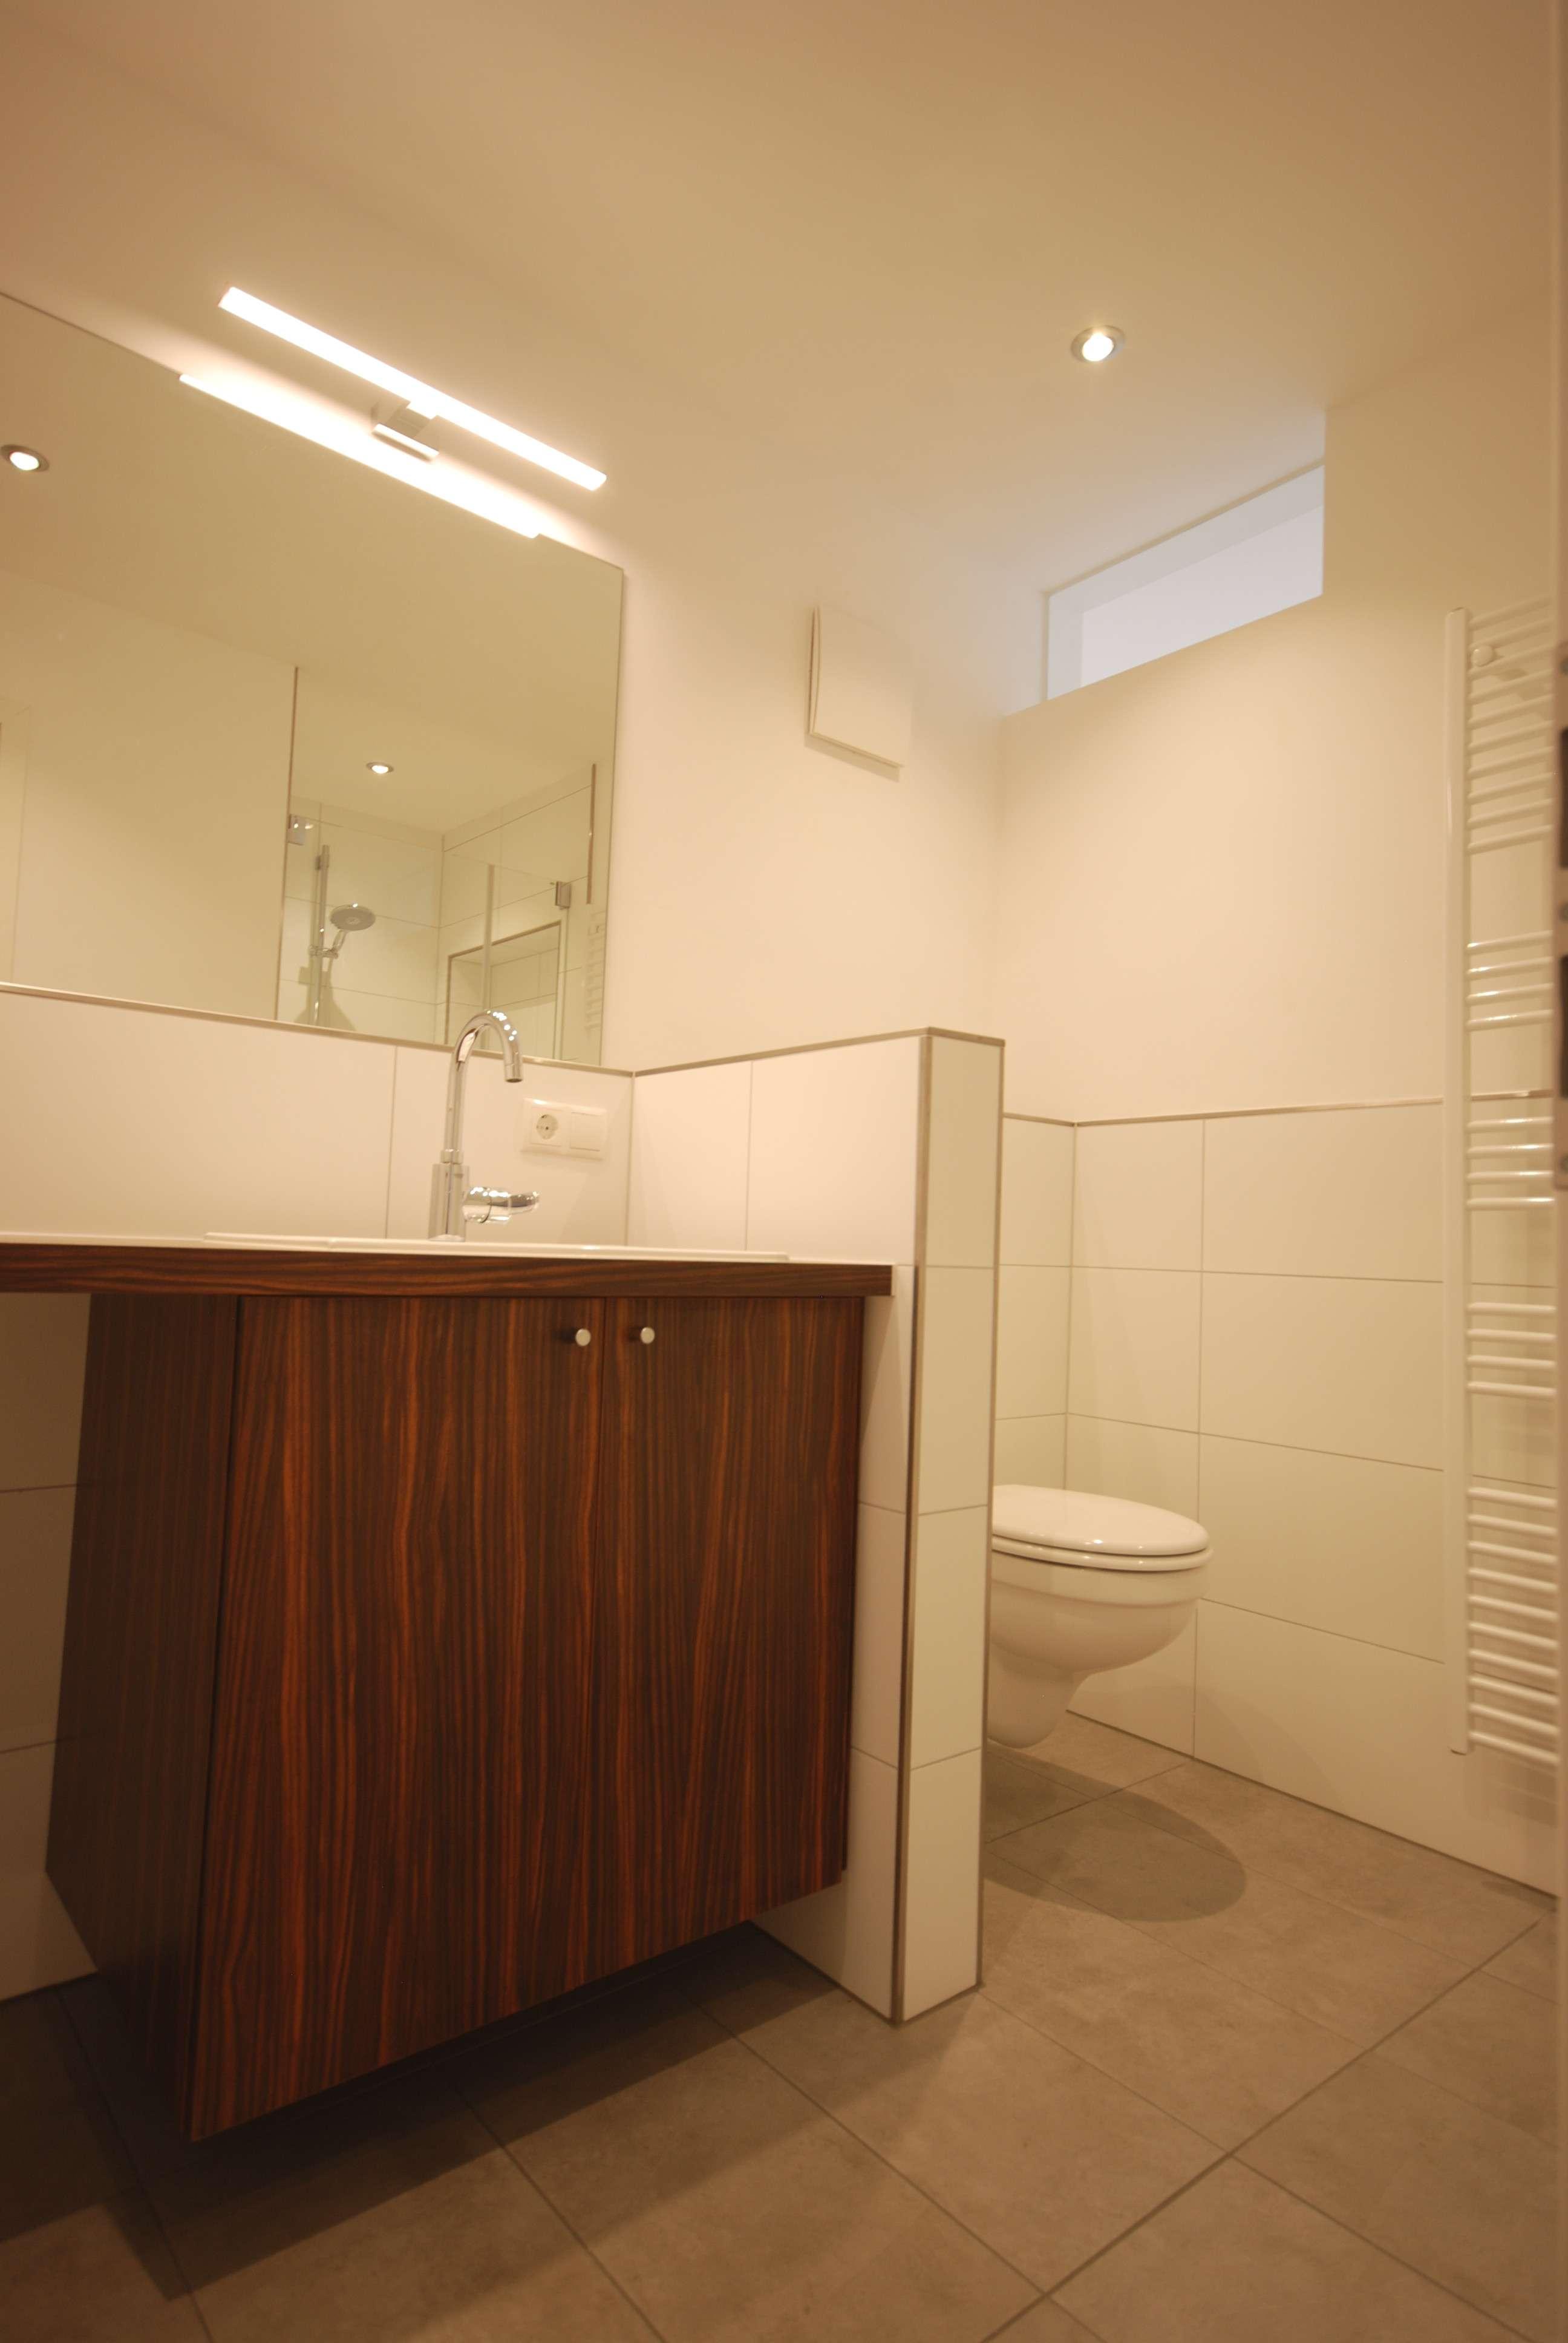 Erstbezug! Moderne 2 Zimmer - Wohnung mit großer Wohnküche und Balkon in Mögeldorf in Mögeldorf (Nürnberg)